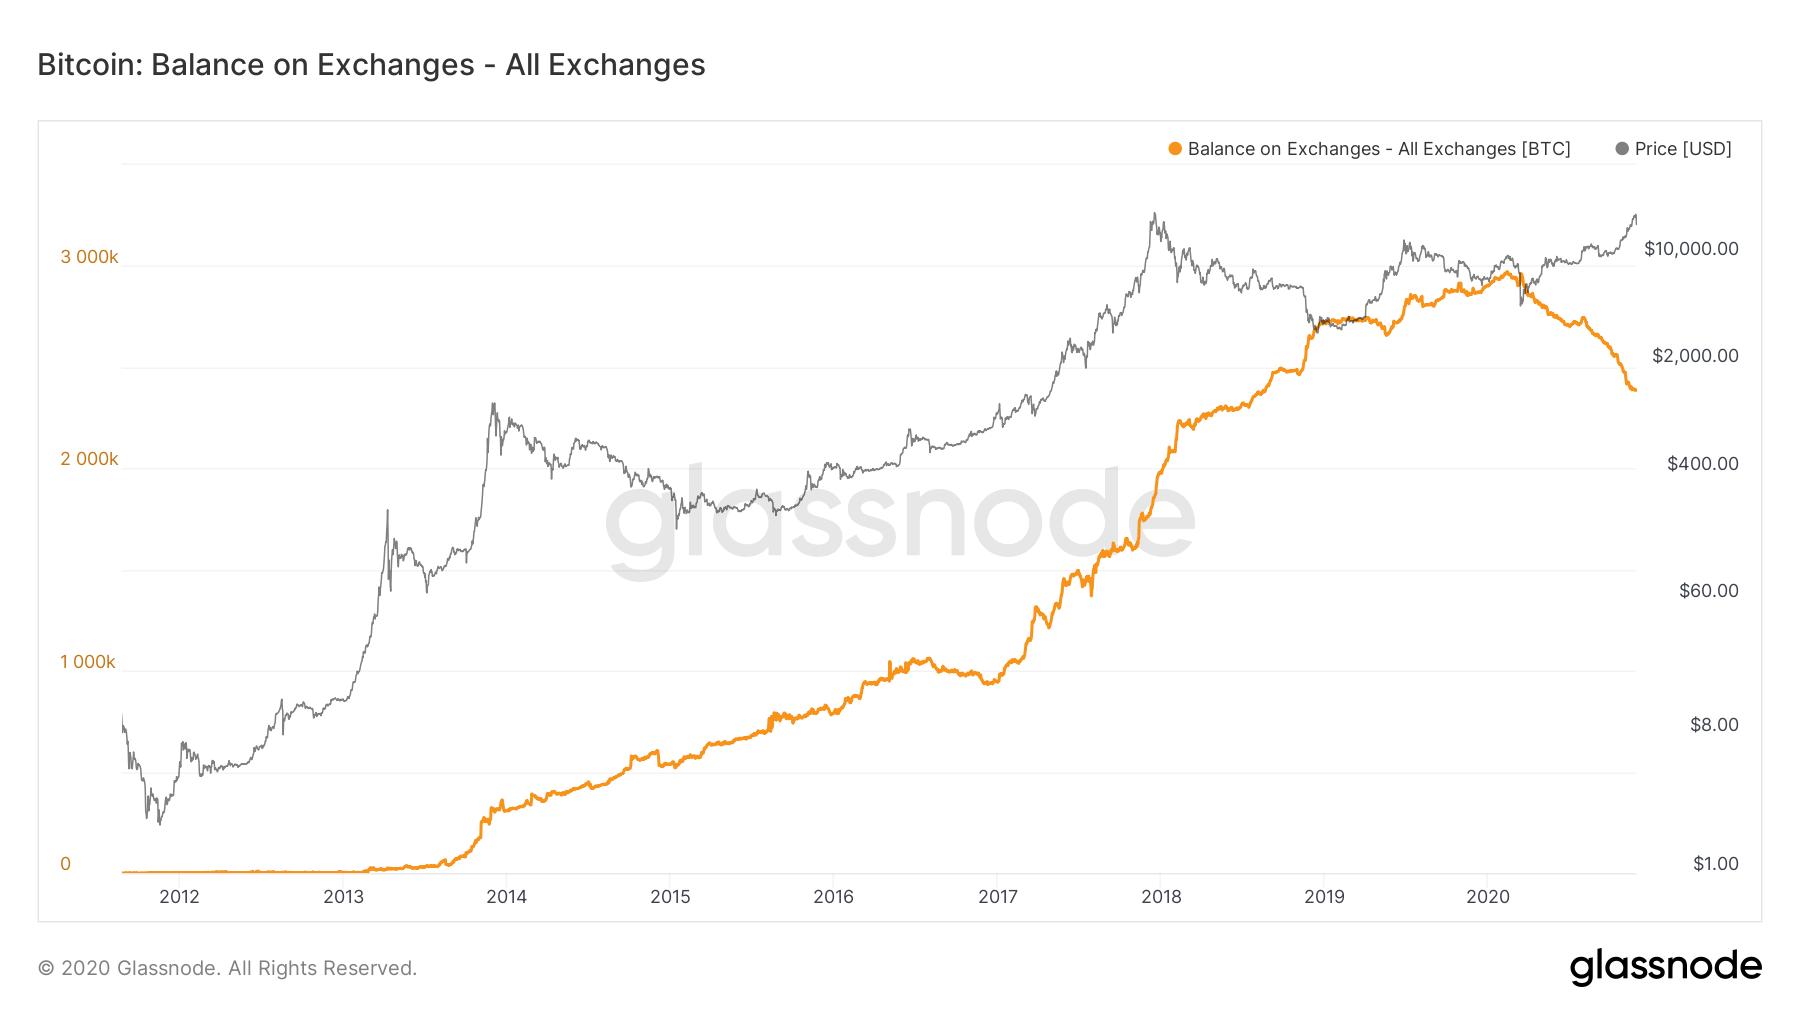 Graf koji prikazuje ponudu Bitcoina na kripto burzama kroz godine.